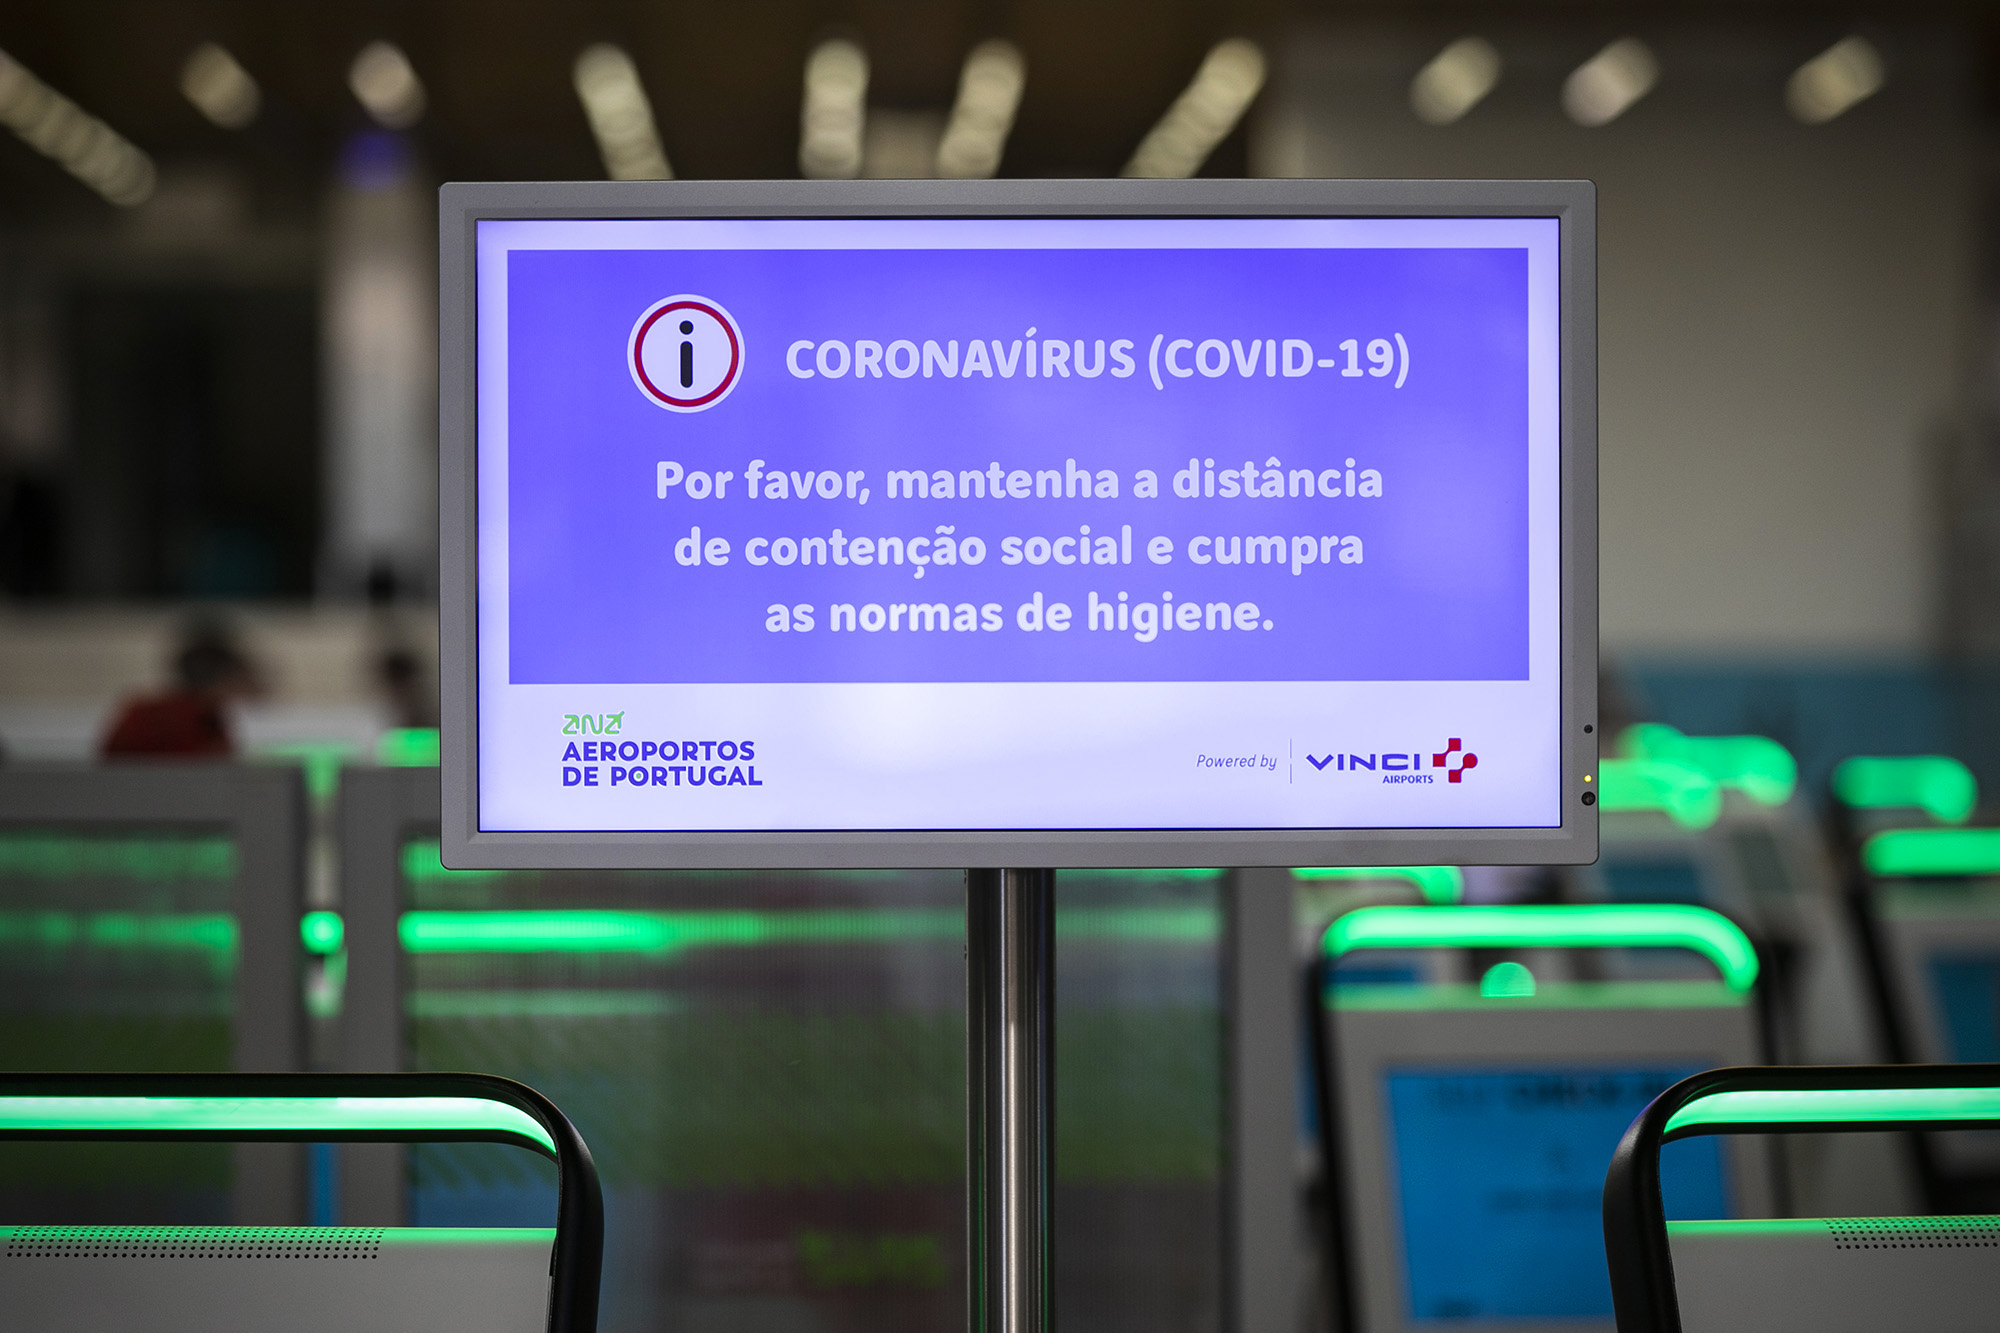 Aeroporto de Lisboa em tempo de pandemia do COVID-19 - 19MAR20